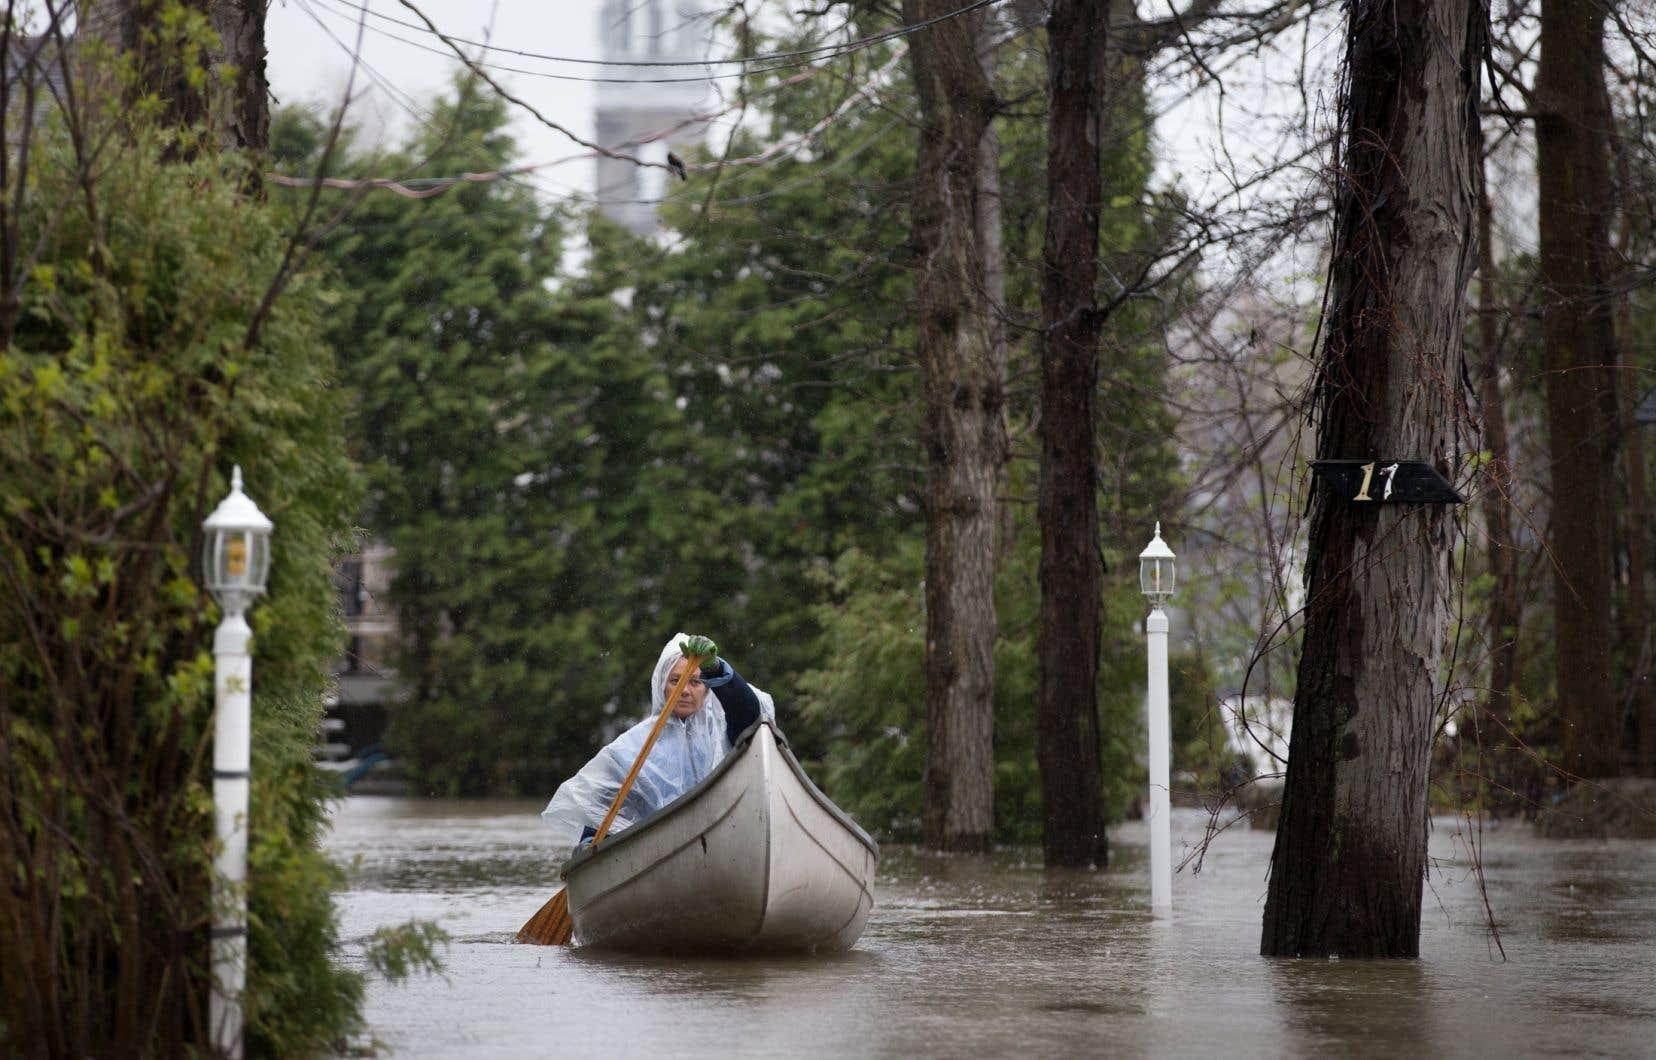 En 2017 et 2019, le Québec a été le théâtre d'inondations majeures, comme à L'Île-Bizard, dans la région montréalaise, où une résidente circulait en canot dans les rues inondées.